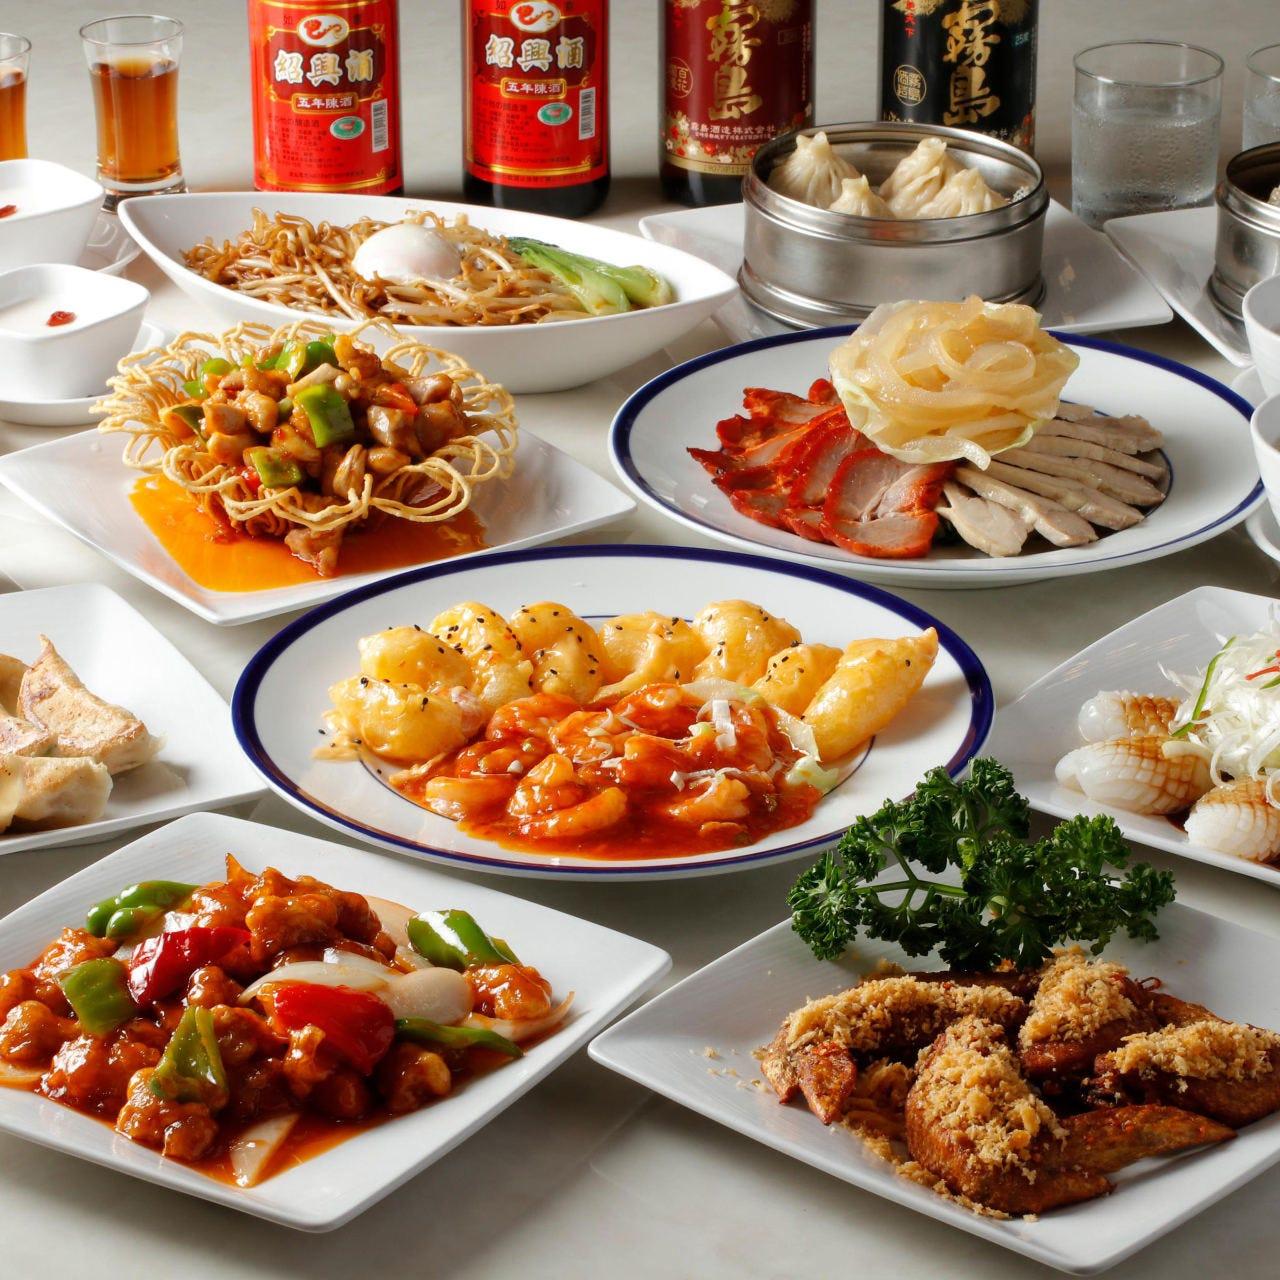 《料理のみ》お得コース/海鮮中華で人気が高い2種類の海老料理。<全10品>会社宴会・女子会に